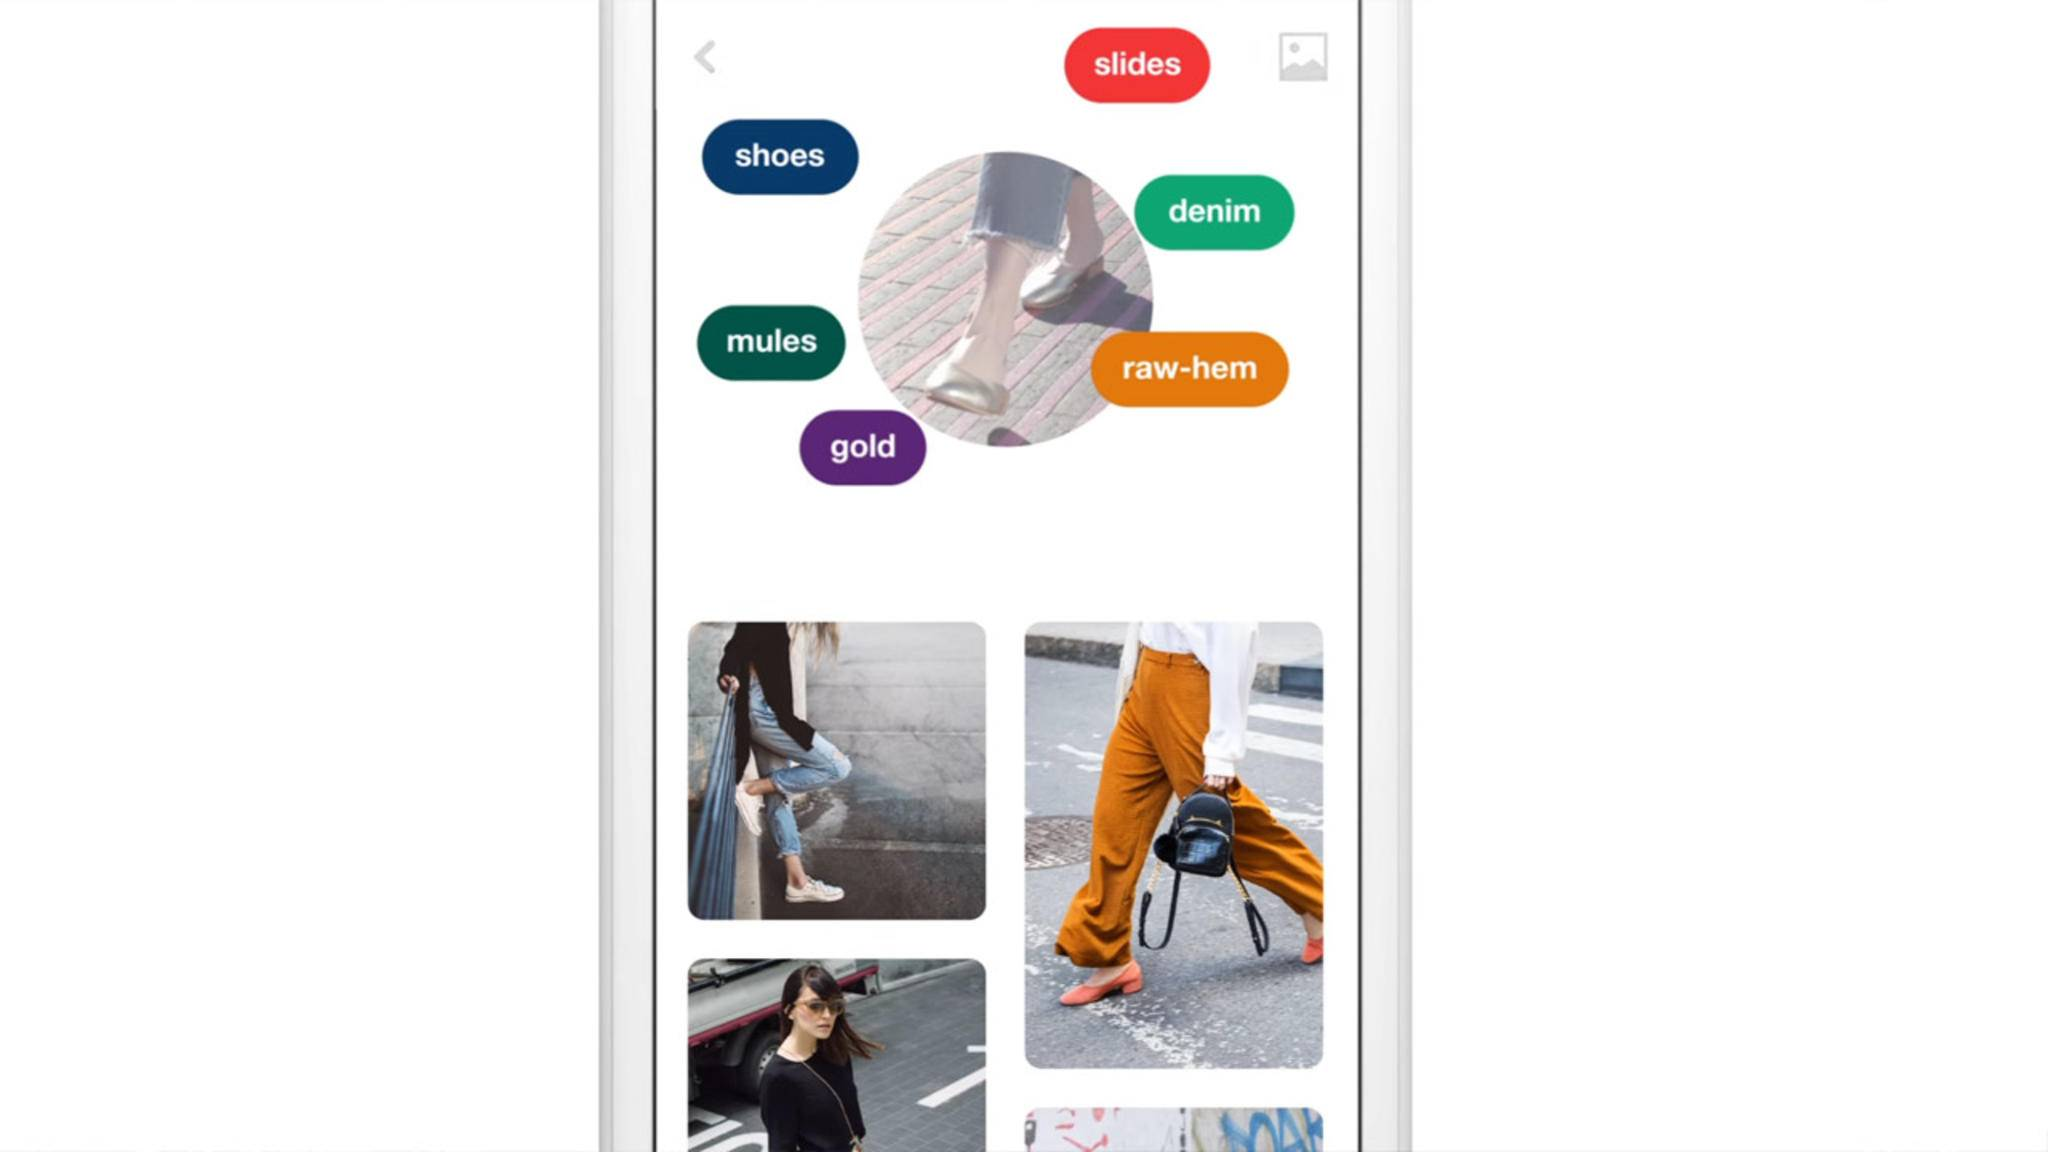 Pinterest Lens analysiert Fotos und macht ihre Bestandteile suchbar.